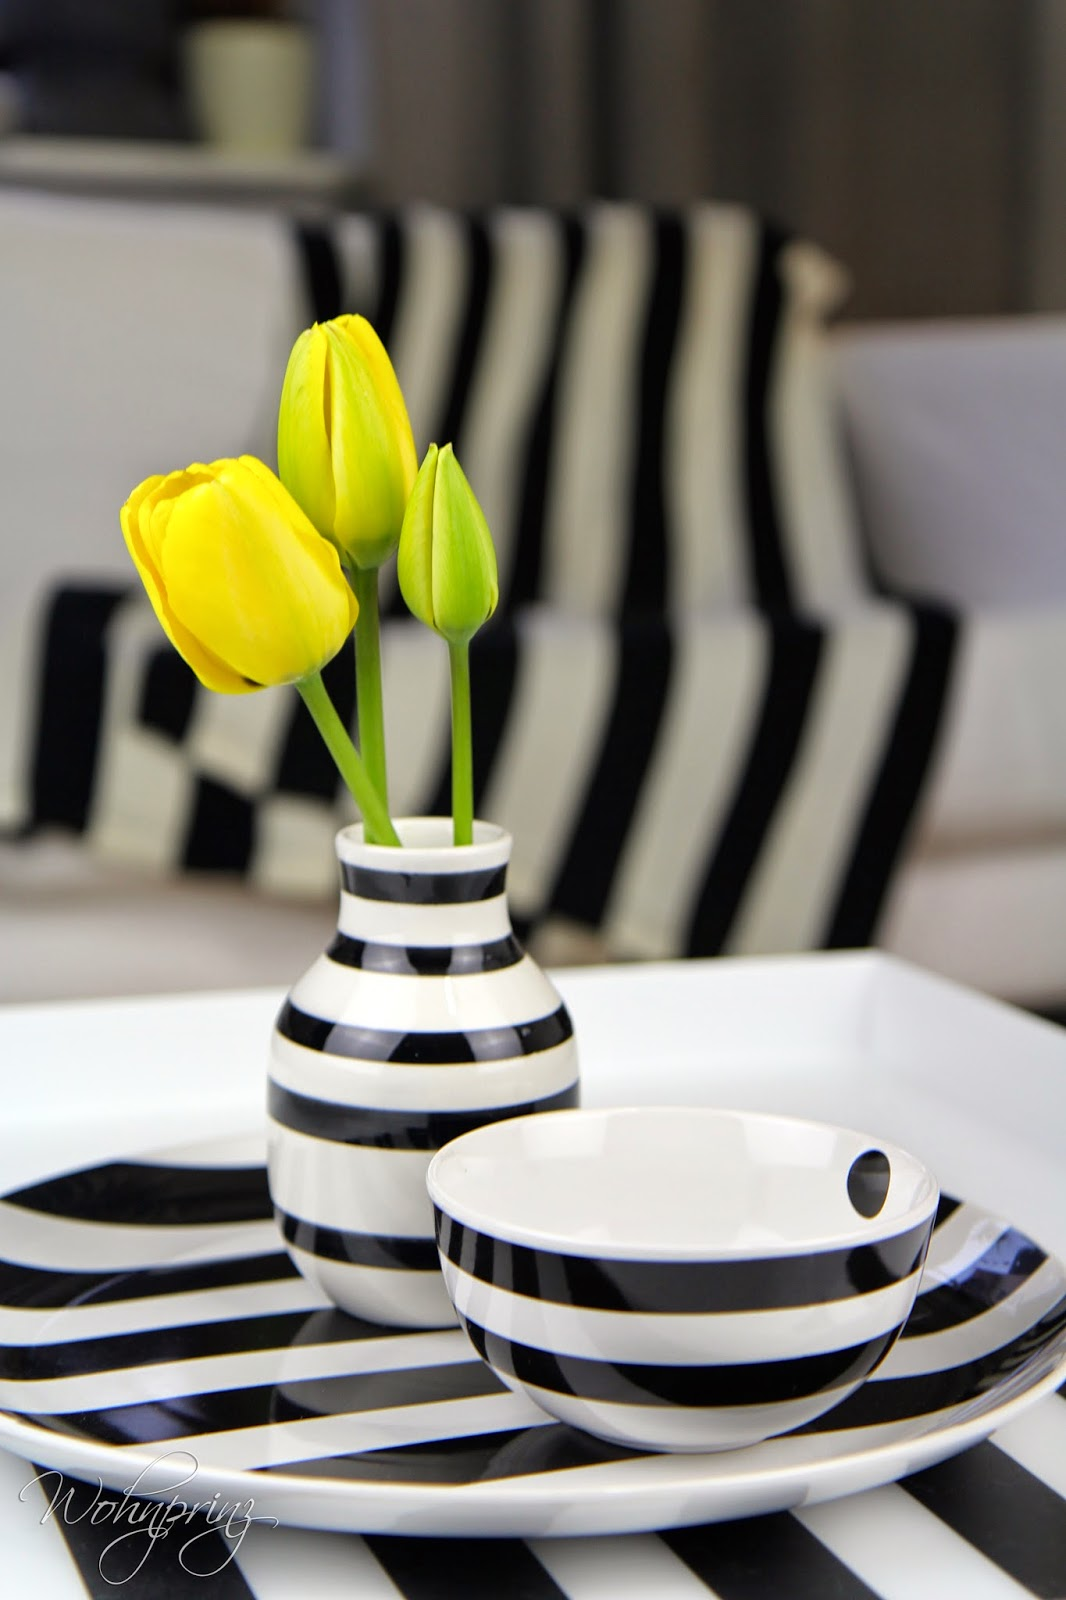 bastian der wohnprinz wohnblogger im videoformat fr hlingsdeko streifen treffen blumen. Black Bedroom Furniture Sets. Home Design Ideas